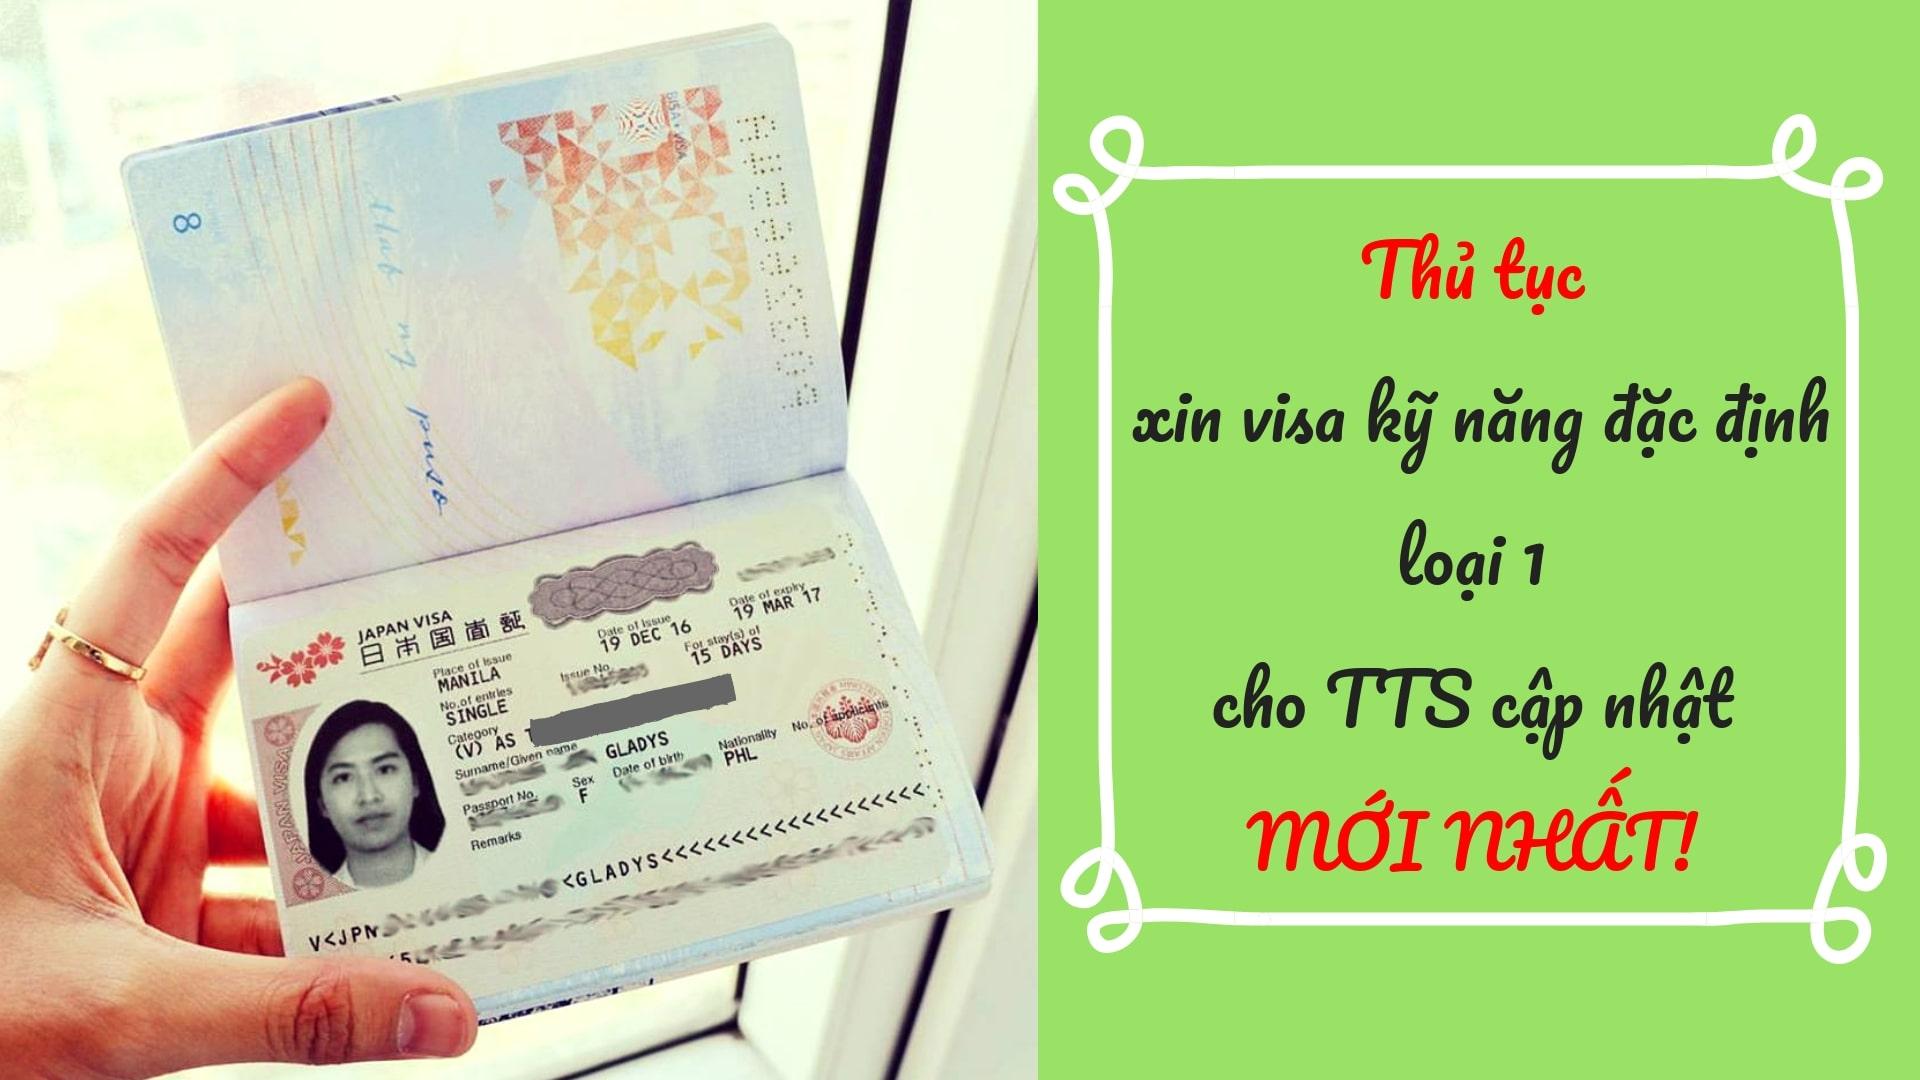 TOP đơn hàng visa kỹ năng đặc định